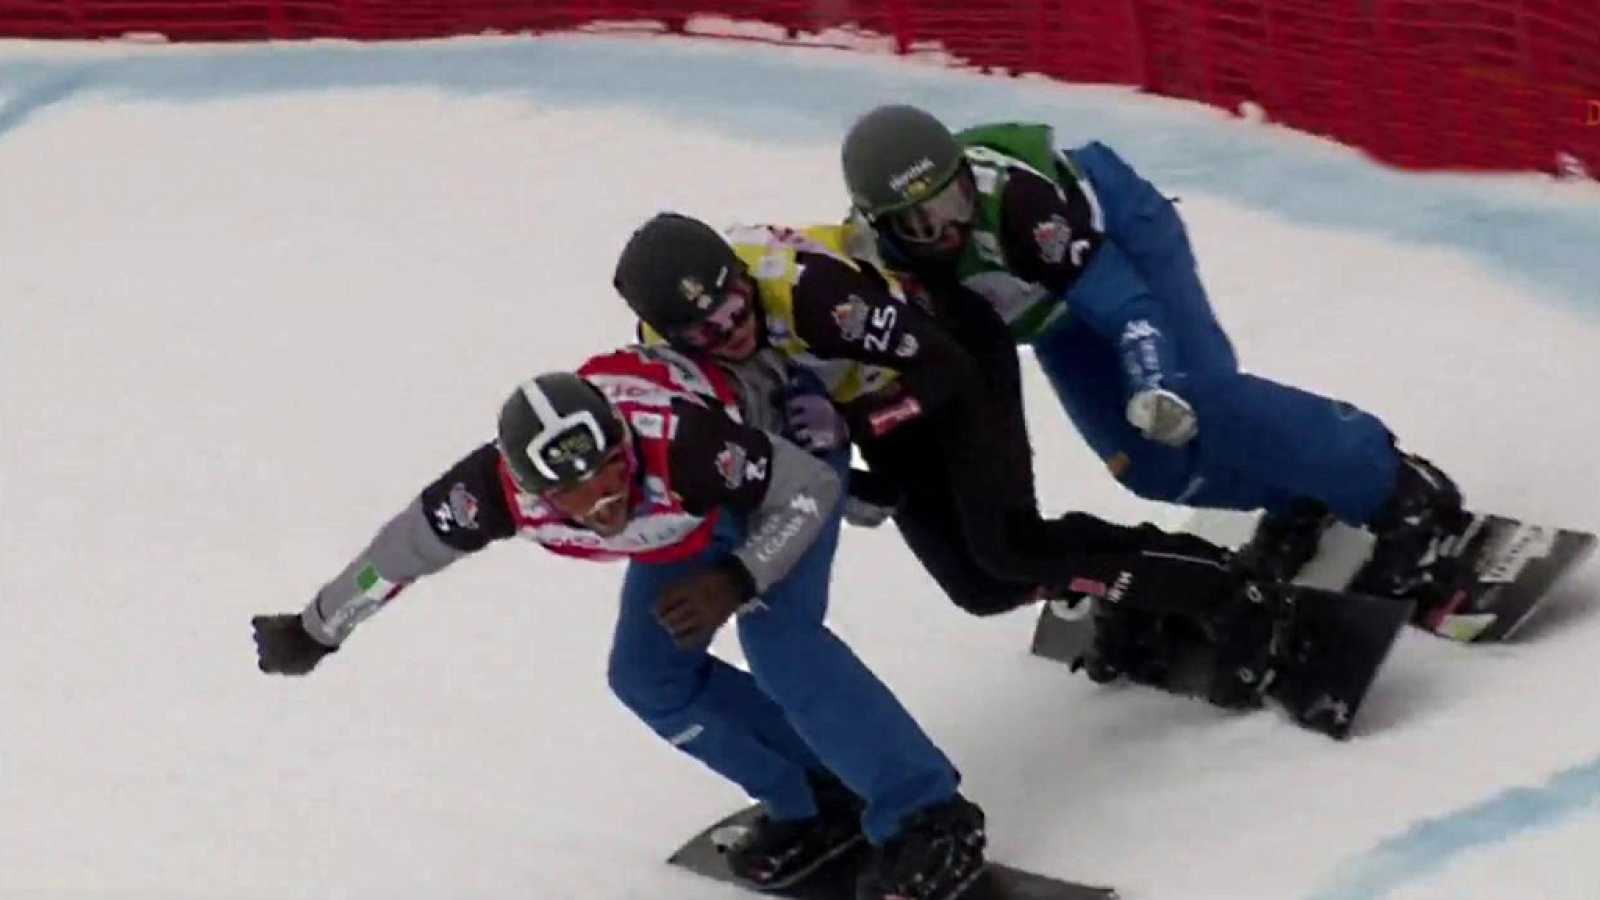 Snowboard - Copa del Mundo 2018/2019 Finales Snowboard Cross Prueba Feldeberg - ver ahora